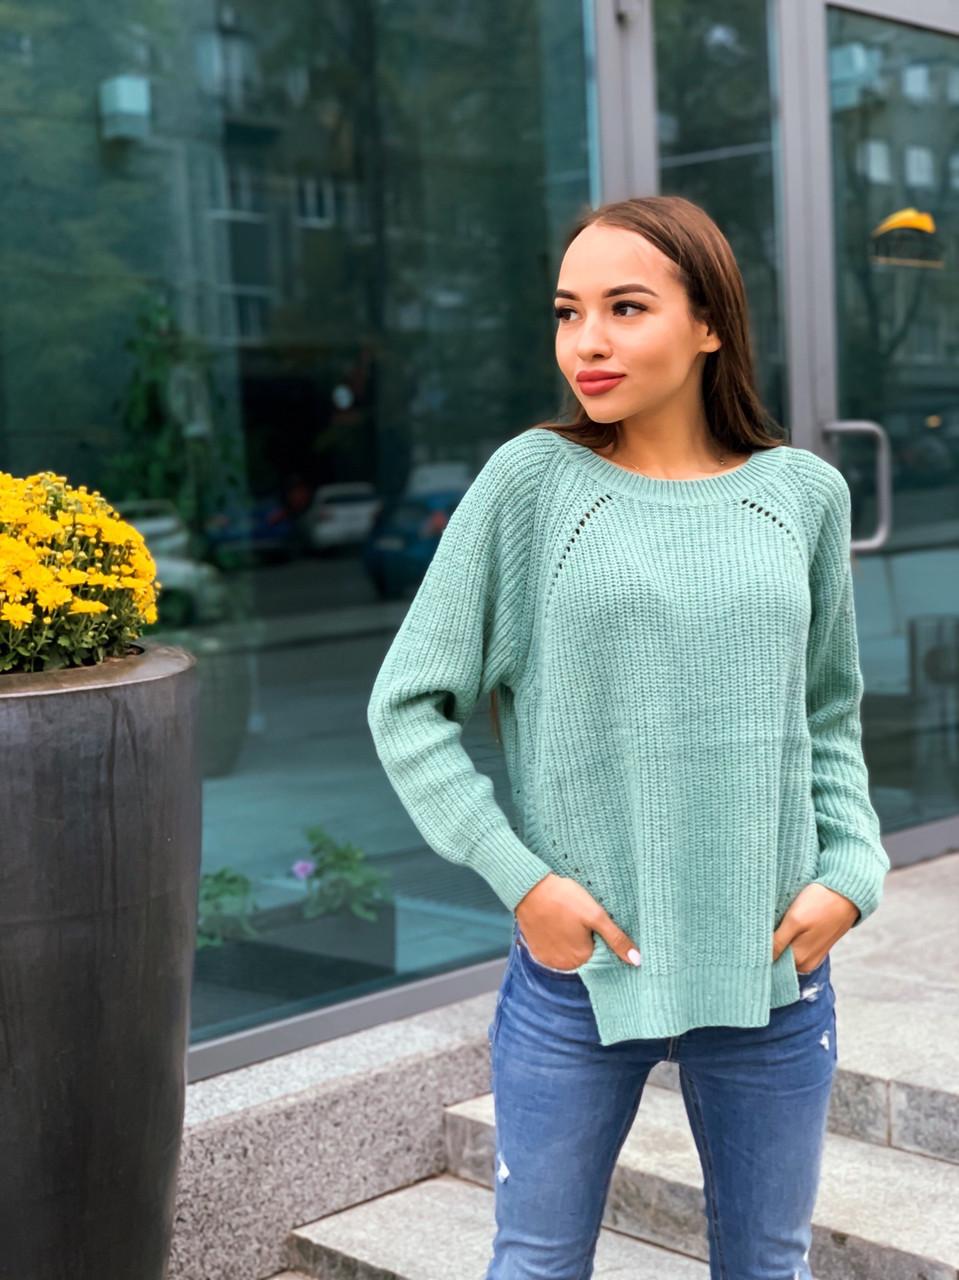 Женский свободный вязаный свитер с рукавом регланом 65ddet646